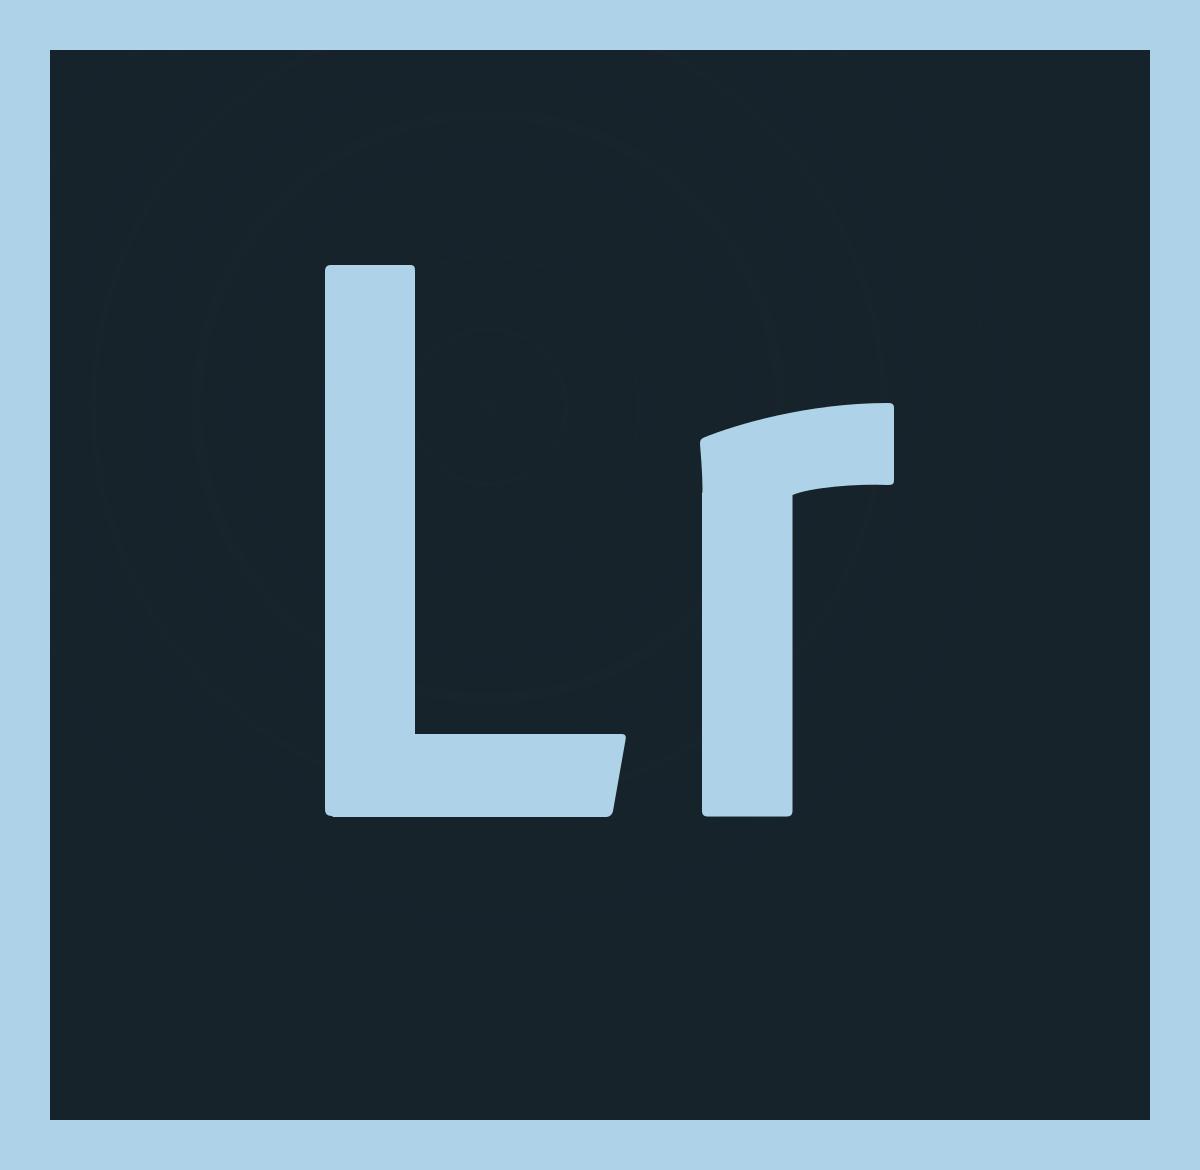 L'outil d'édition de photos pro Adobe Lightroom arrive sur l'App Store pour les utilisateurs Mac